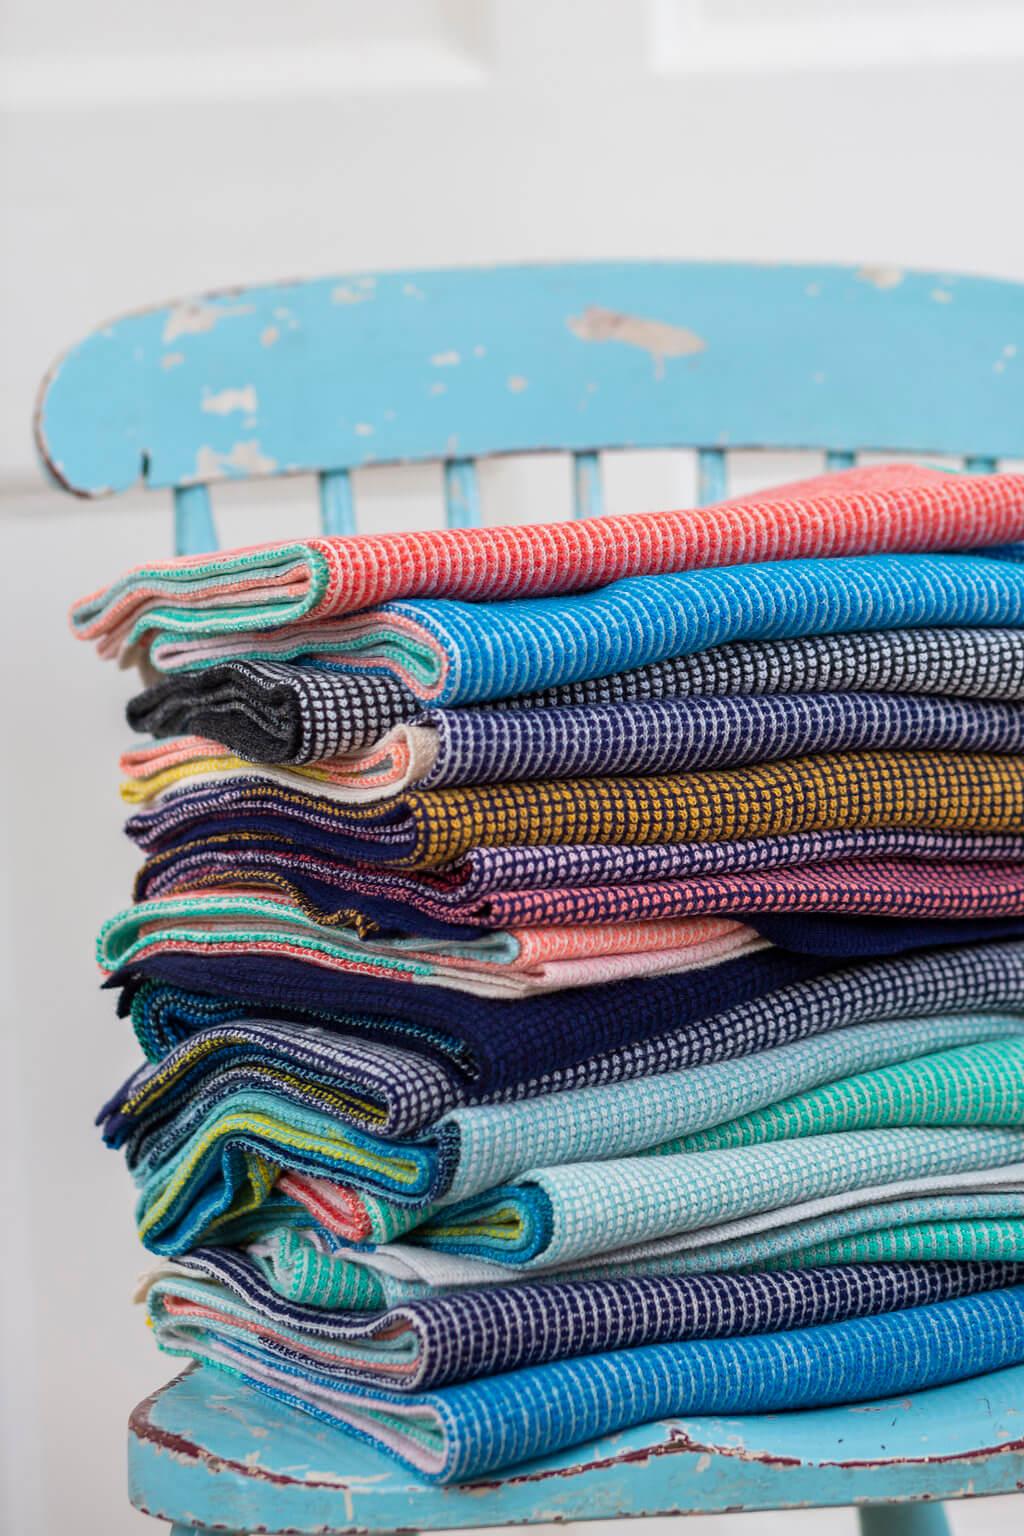 Collingwood-Norris_Lambswool scarves_Made in Scotland.JPG